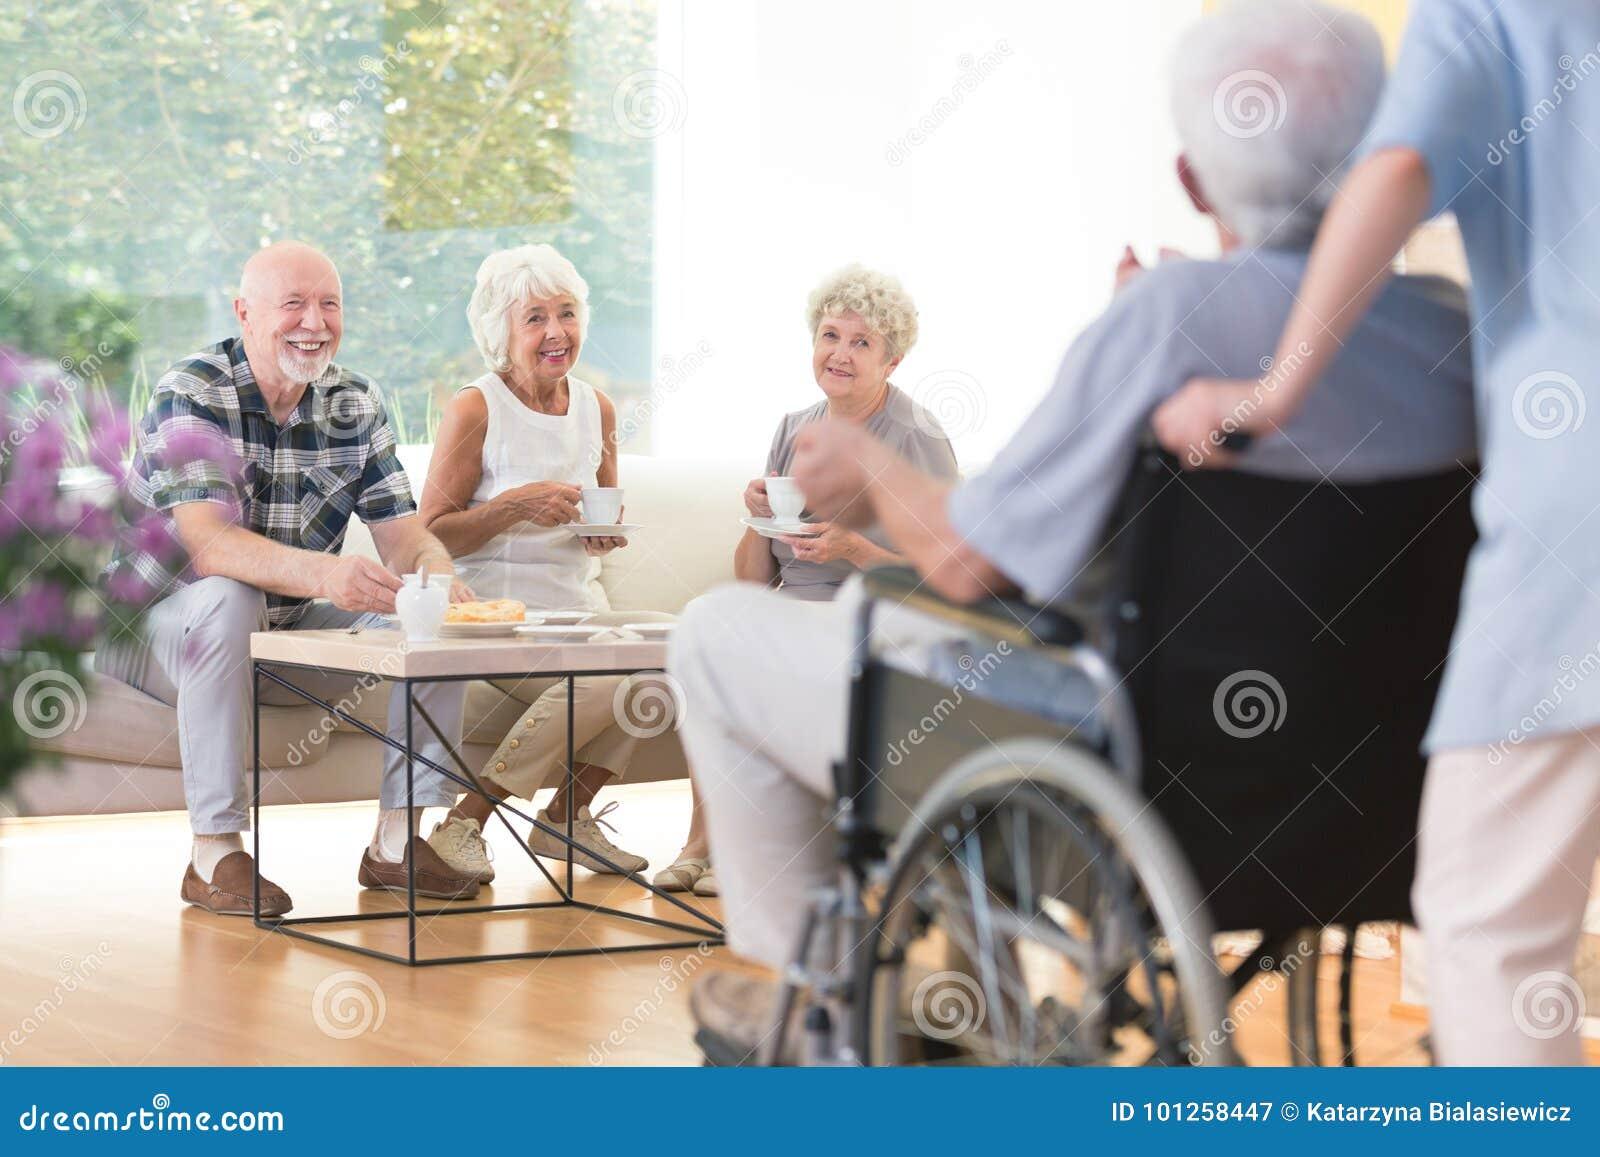 Seniory odwiedza ich przyjaciela